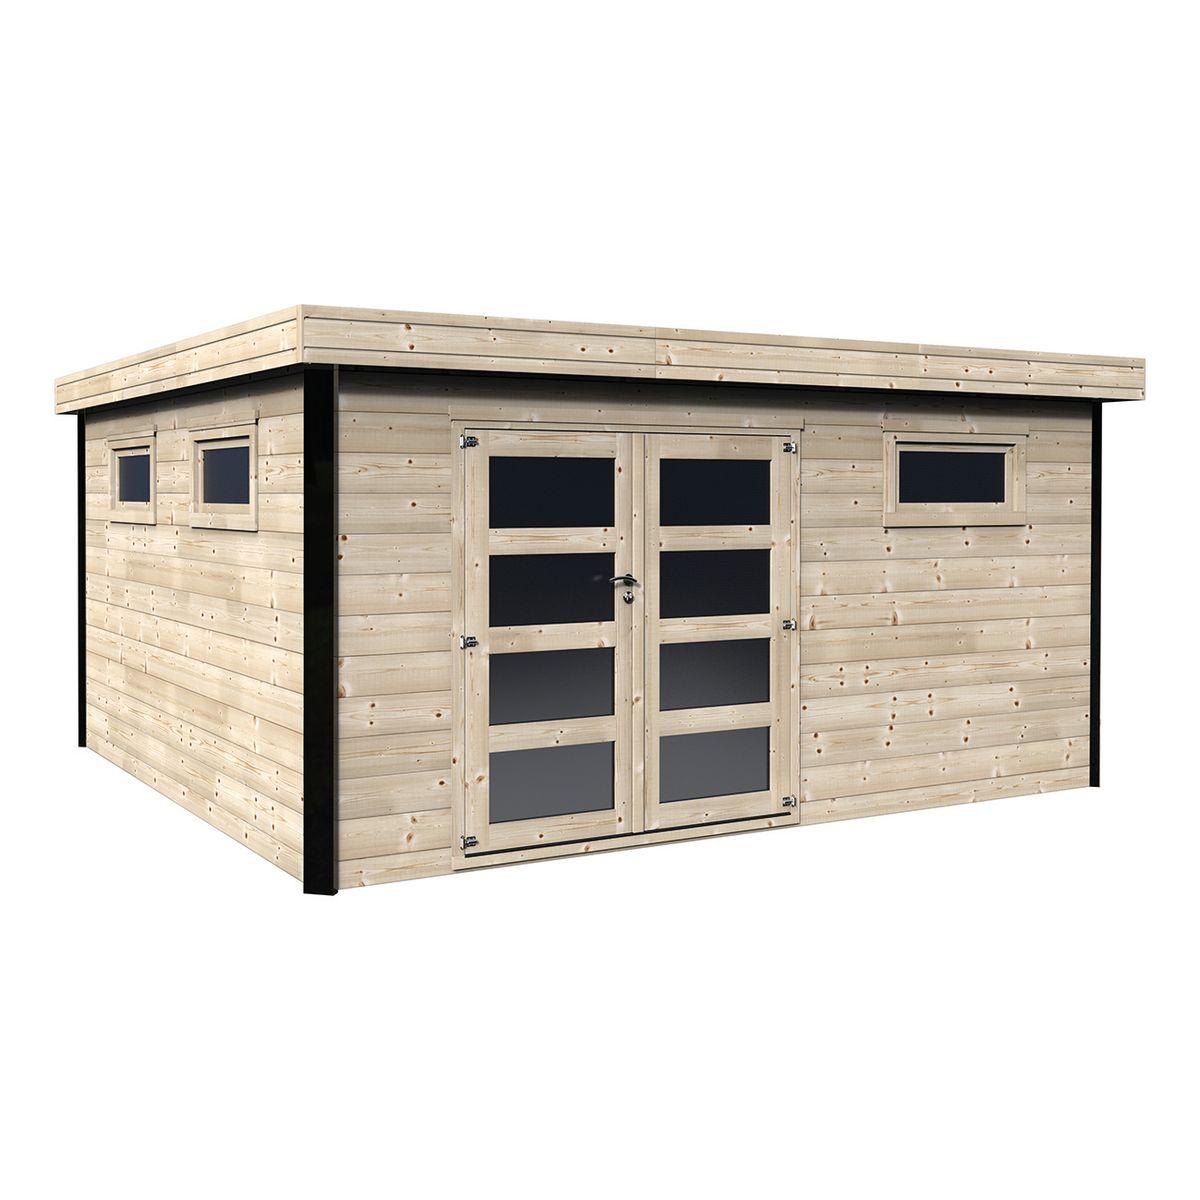 Casette da giardino leroy merlin chiosco in legno with - Casette legno giardino offerte ...